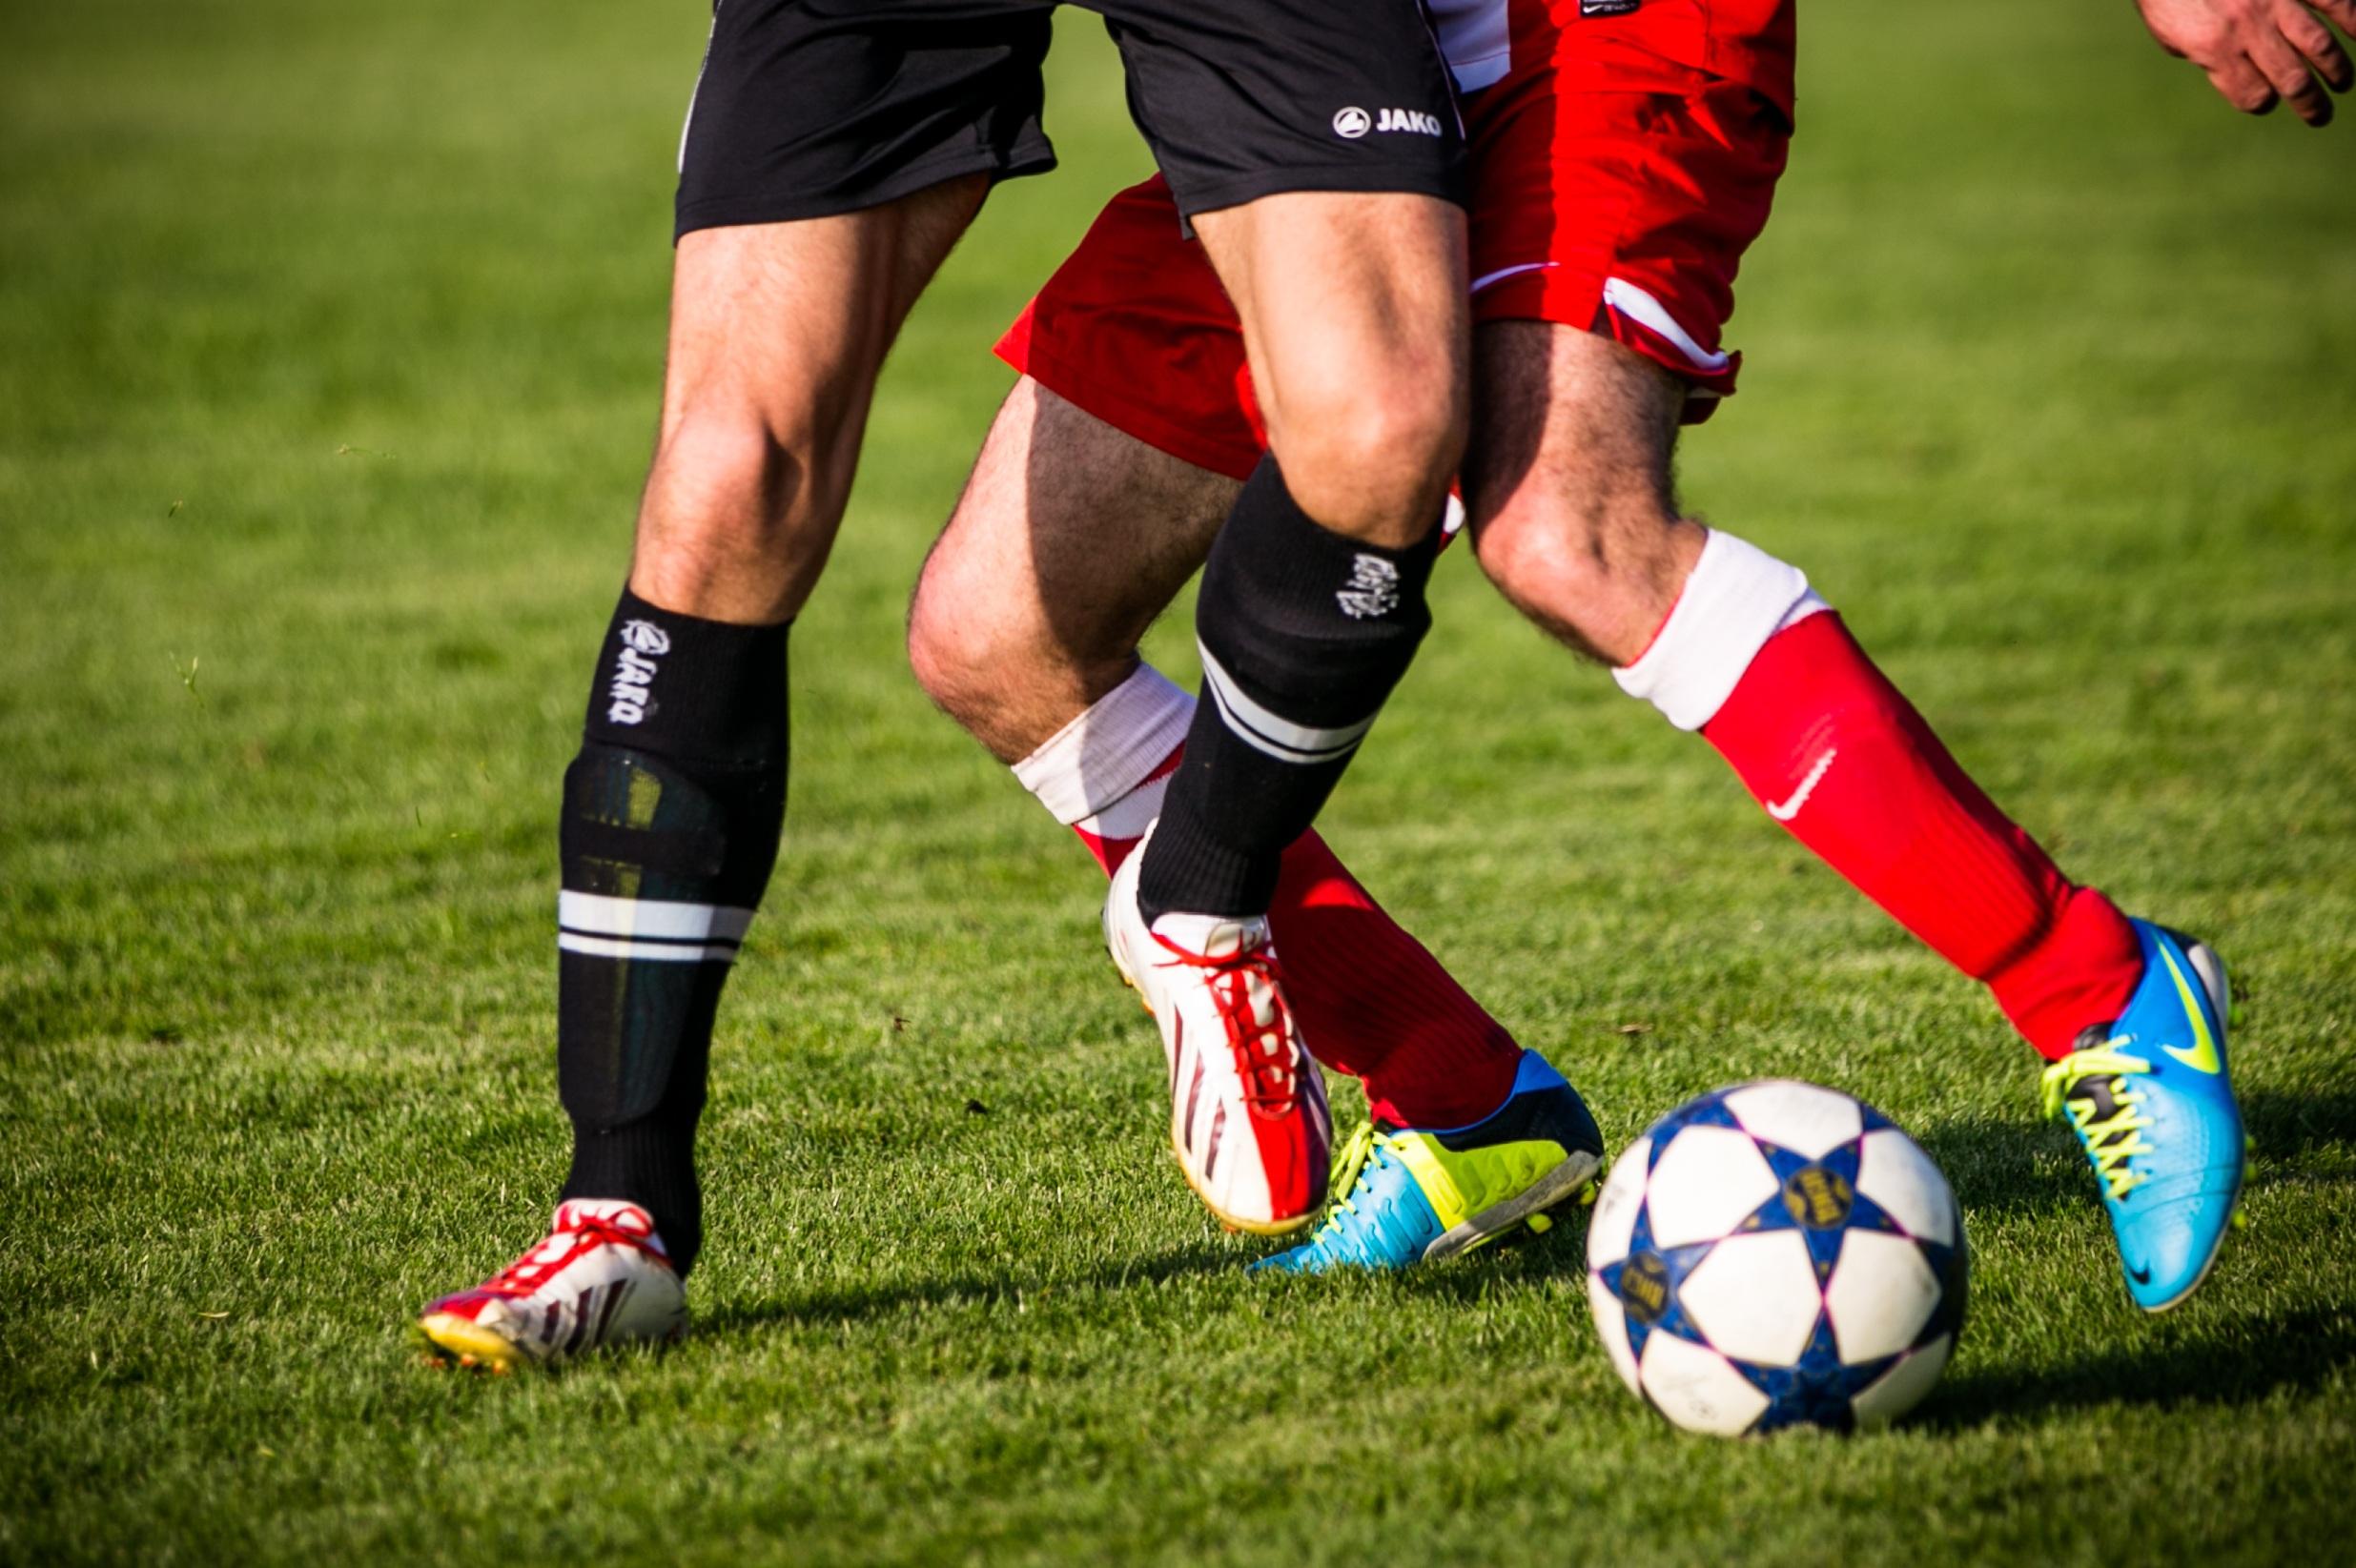 В Новороссийске завершится футбольный фестиваль